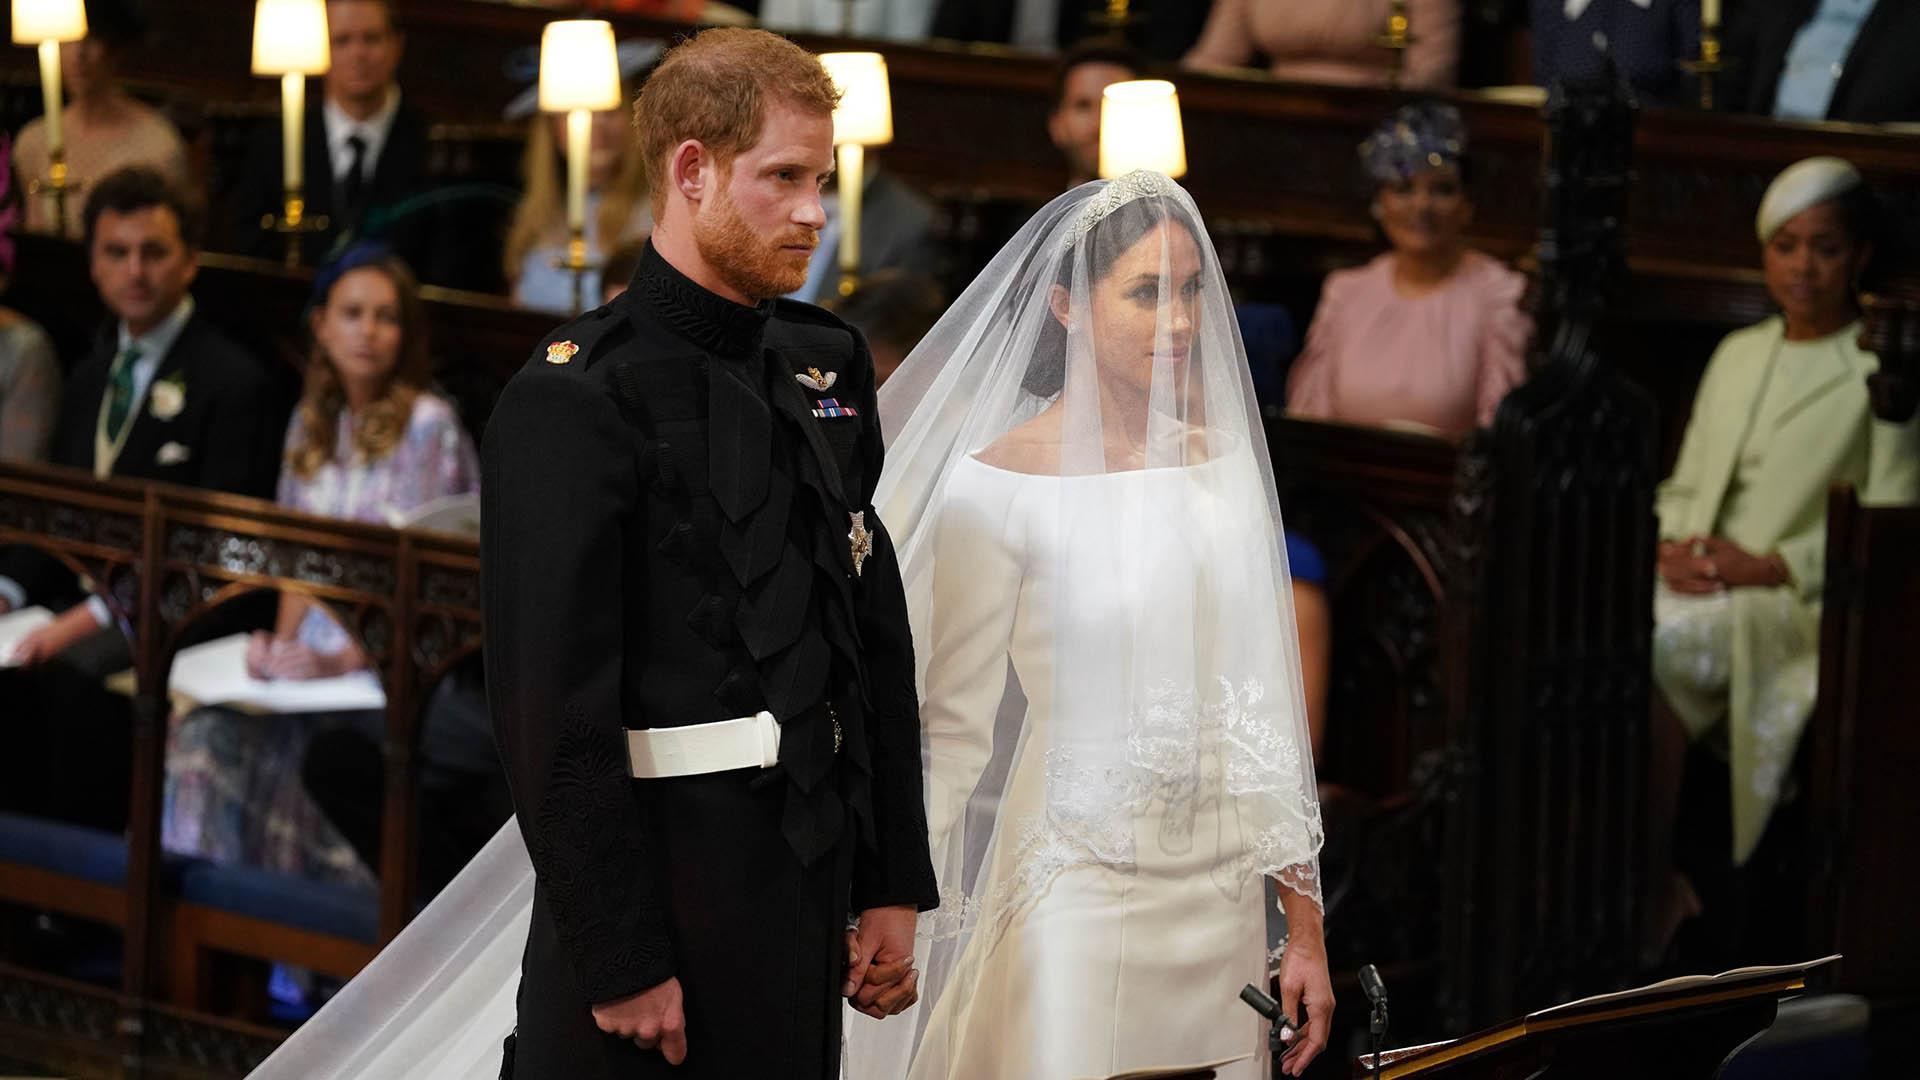 La ceremonia religiosa fue emotiva ydescontracturada, como nunca se había visto en toda la historia de Windsor (AFP)